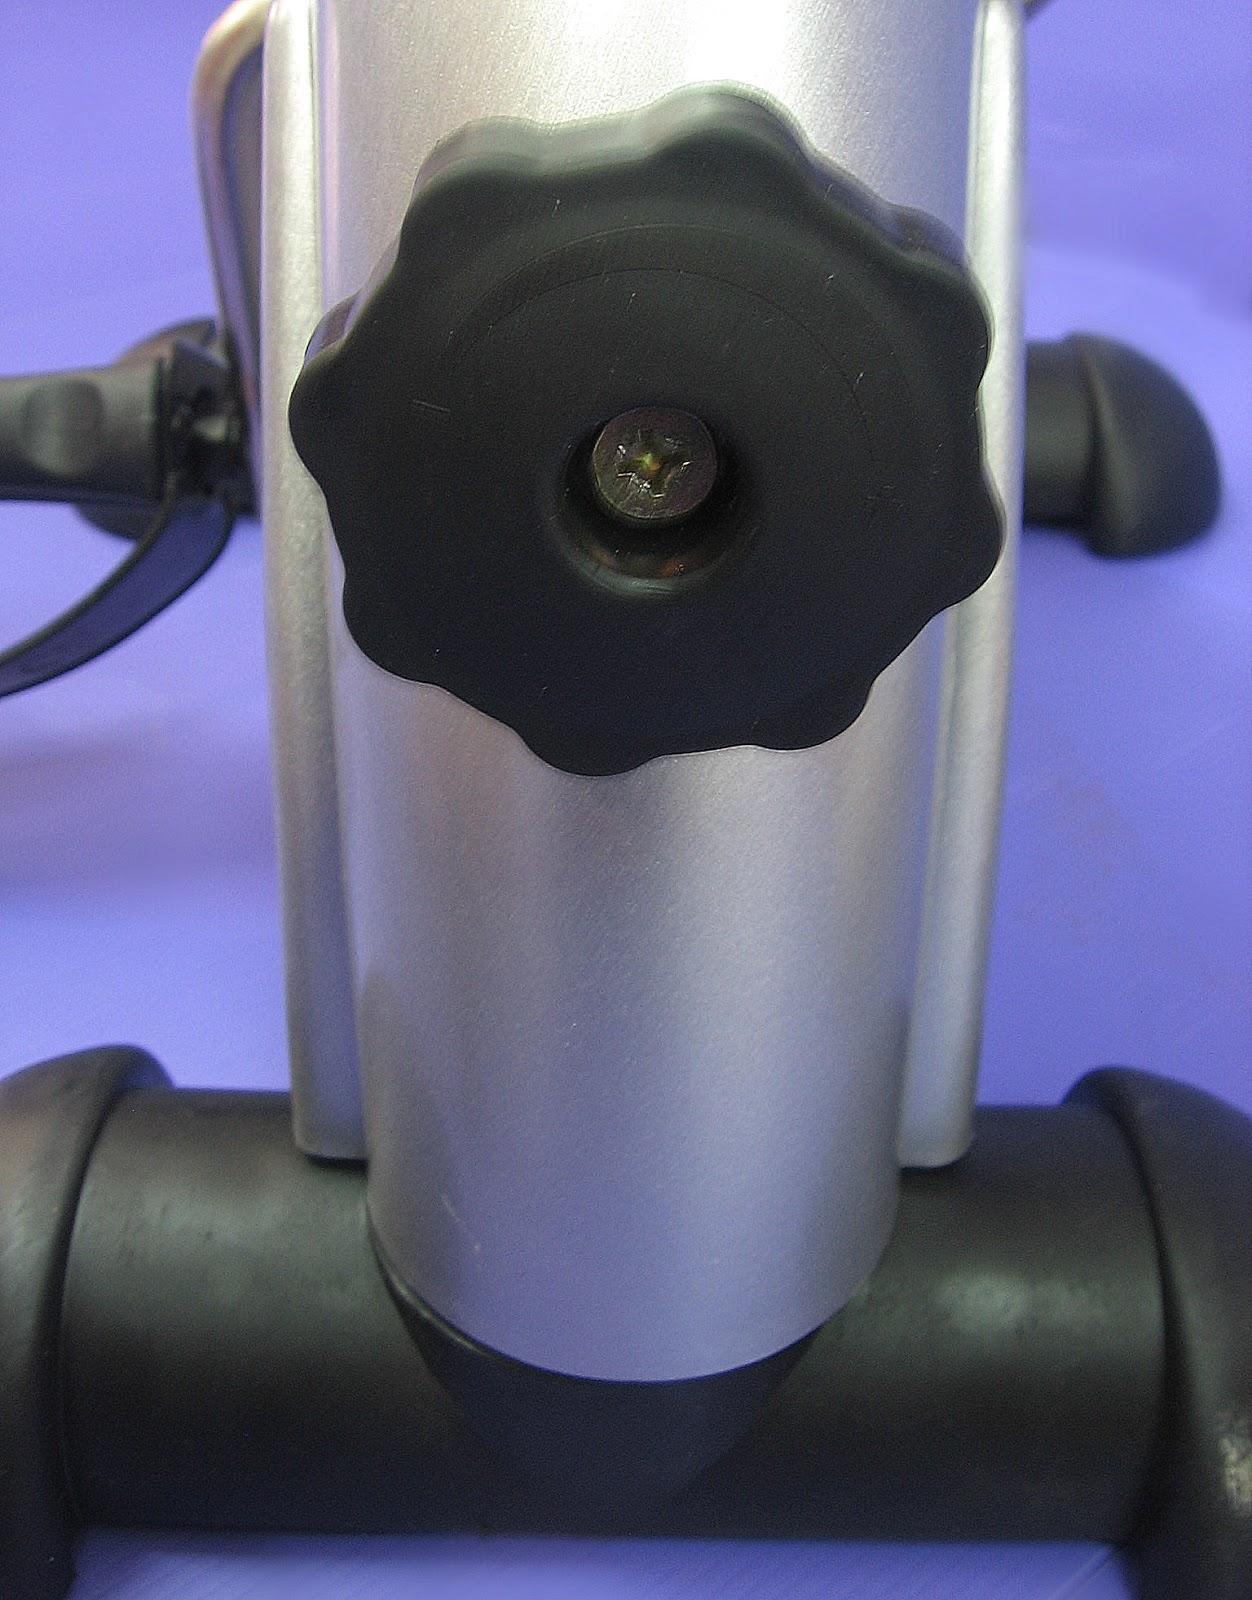 Physiotherapy equipment alat-alat fisioterapi harga rendah ...